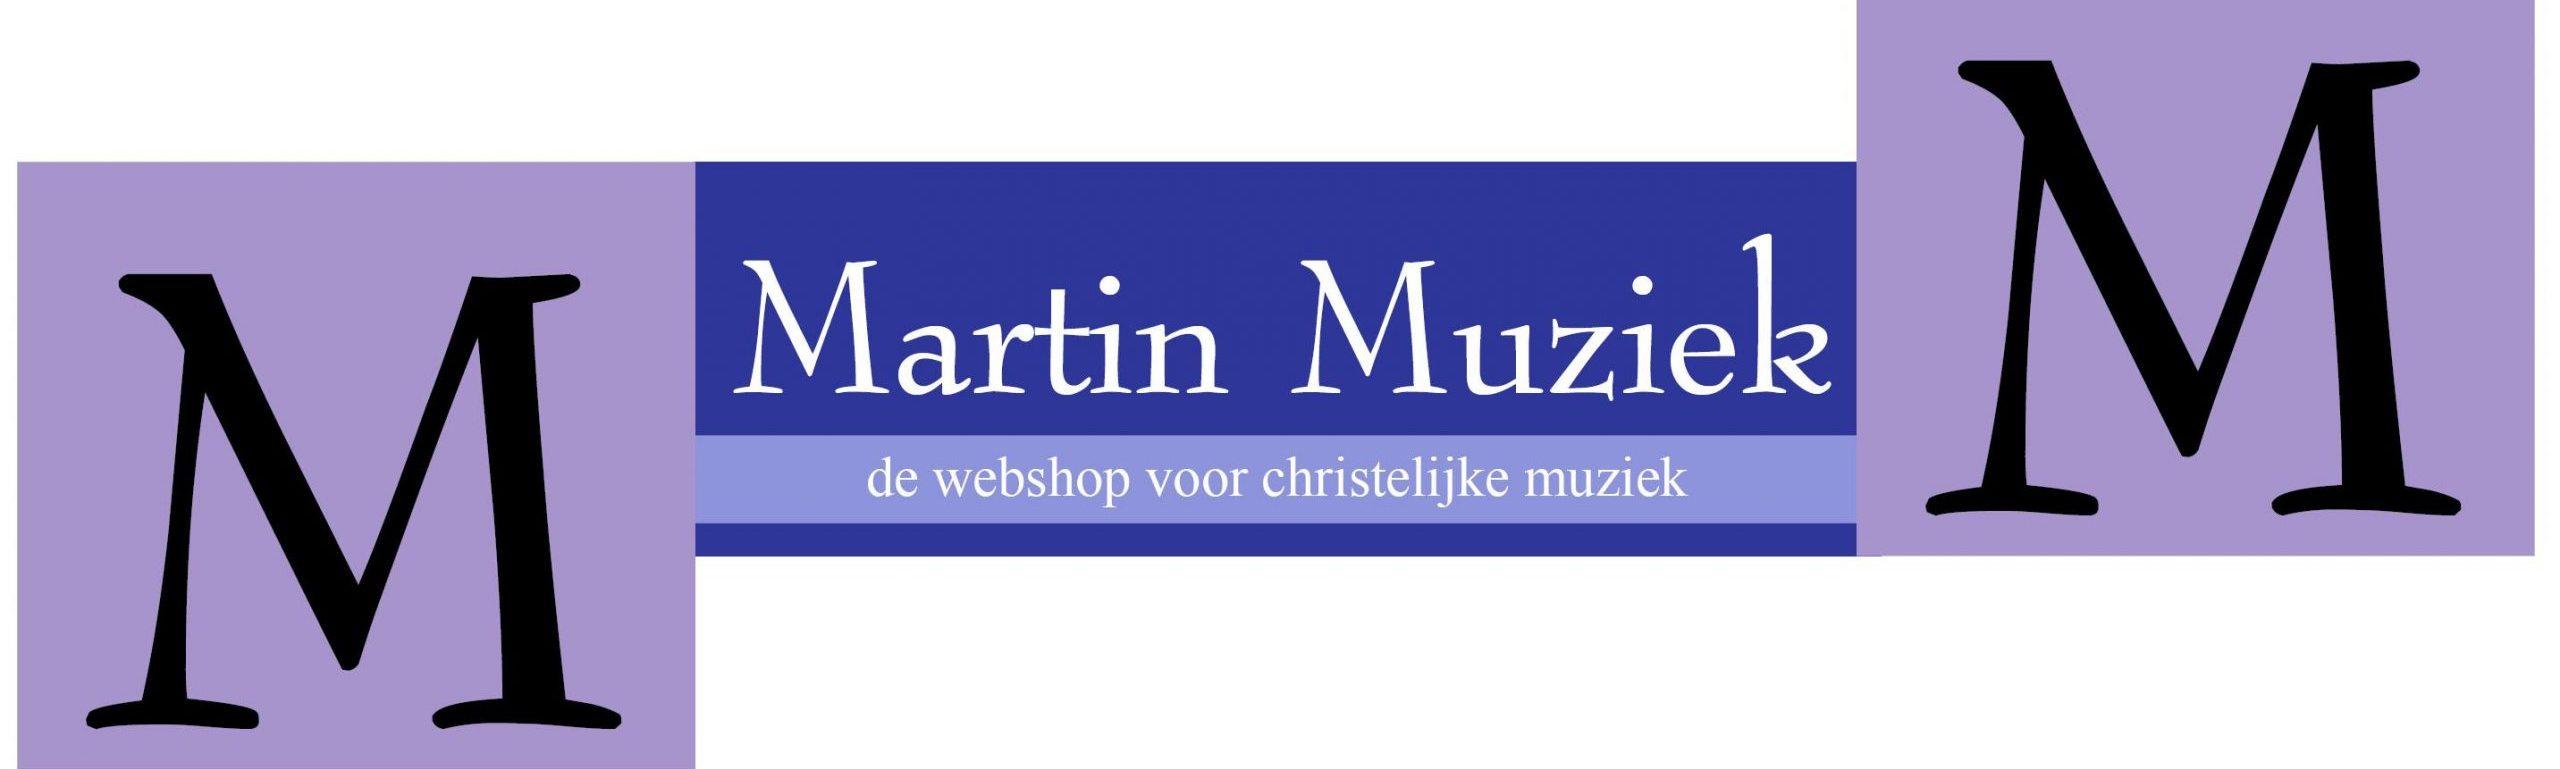 Martin Muziek